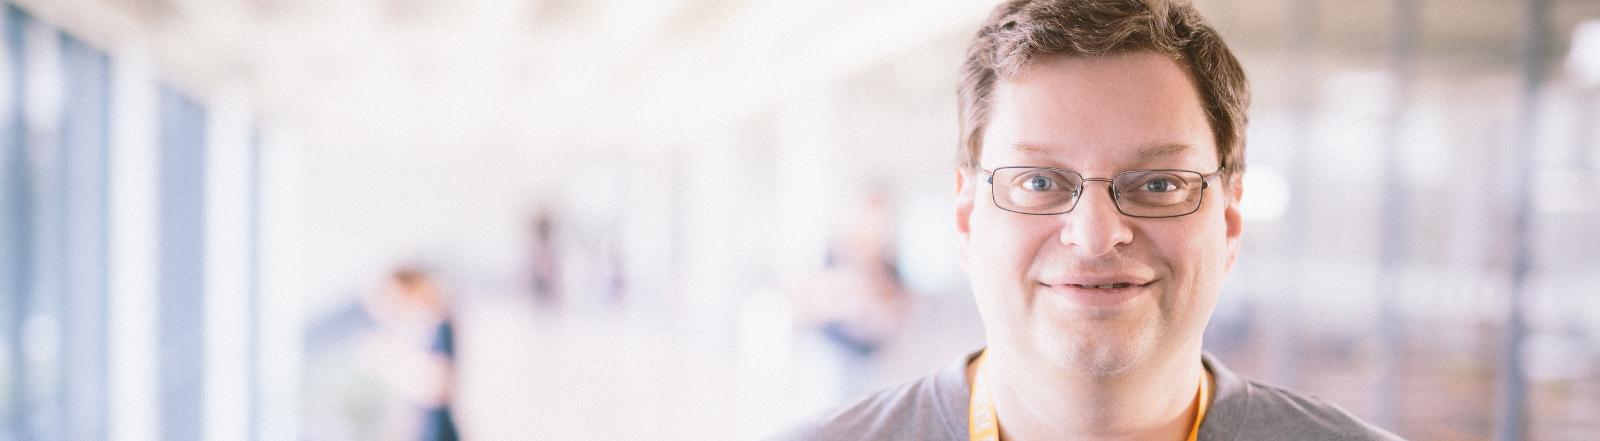 Der Theologe Thorsten Diez im Jahr 2016